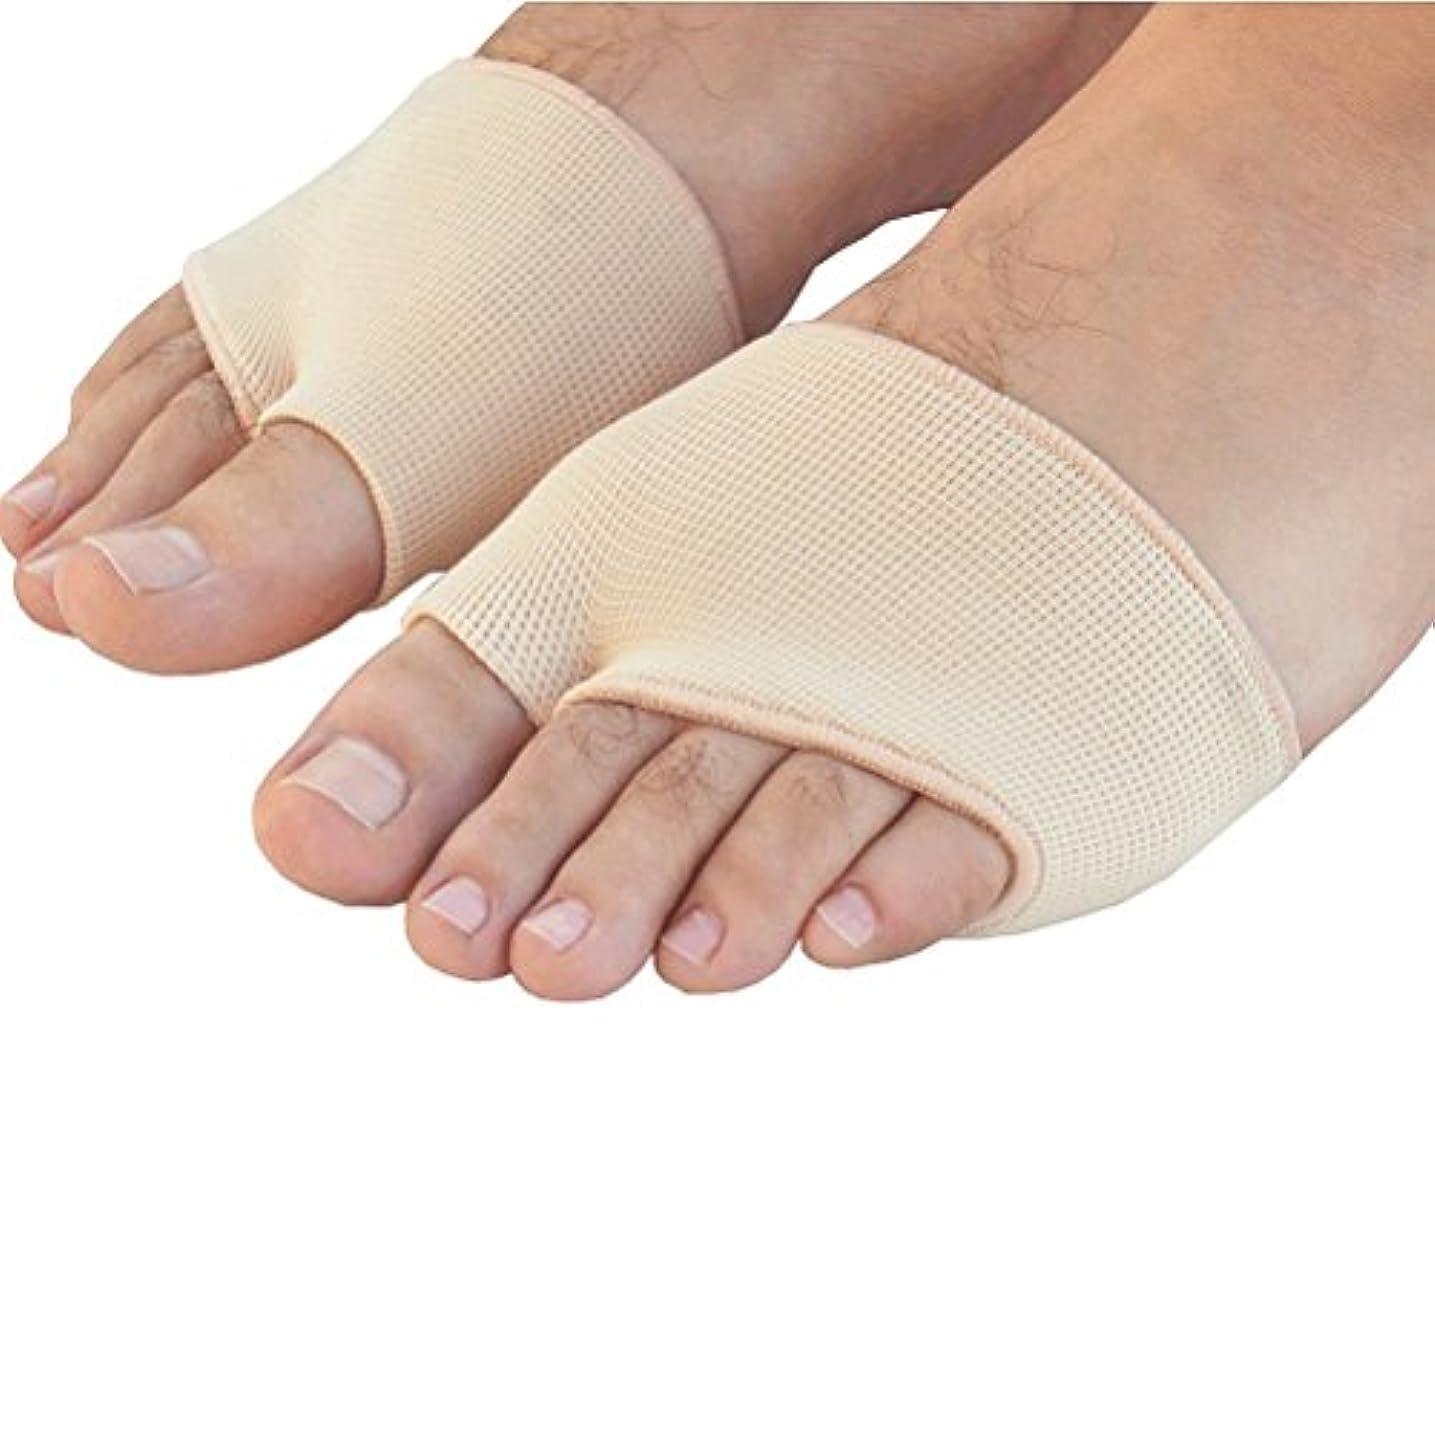 まぶしさ尊敬構成するROSENICE ゲル前足中足骨の痛み救済吸収クッション パッド 足底筋膜炎インソール 衝撃吸収 サイズS(肌の色)